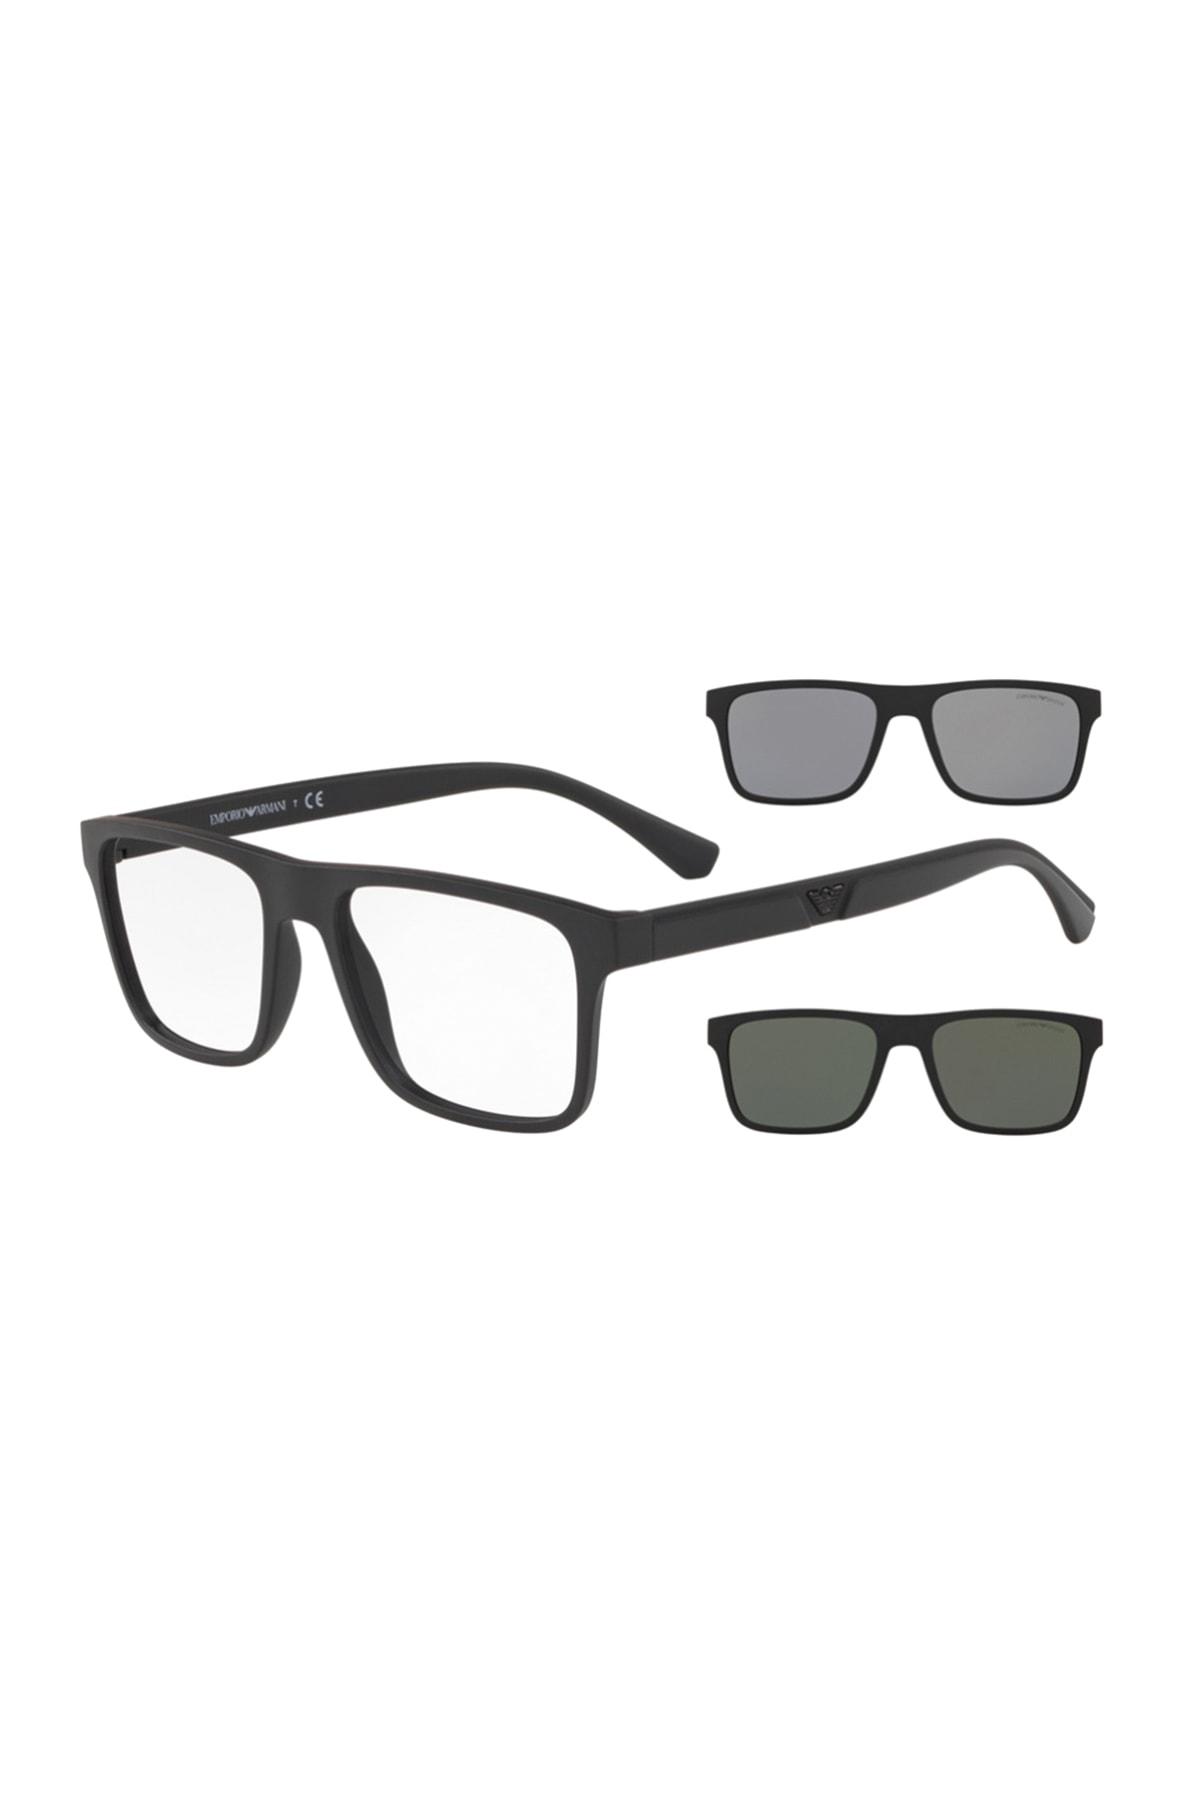 سفارش انلاین عینک آفتابی مردانه ساده برند امپریو آرمانی رنگ مشکی کد ty35522400